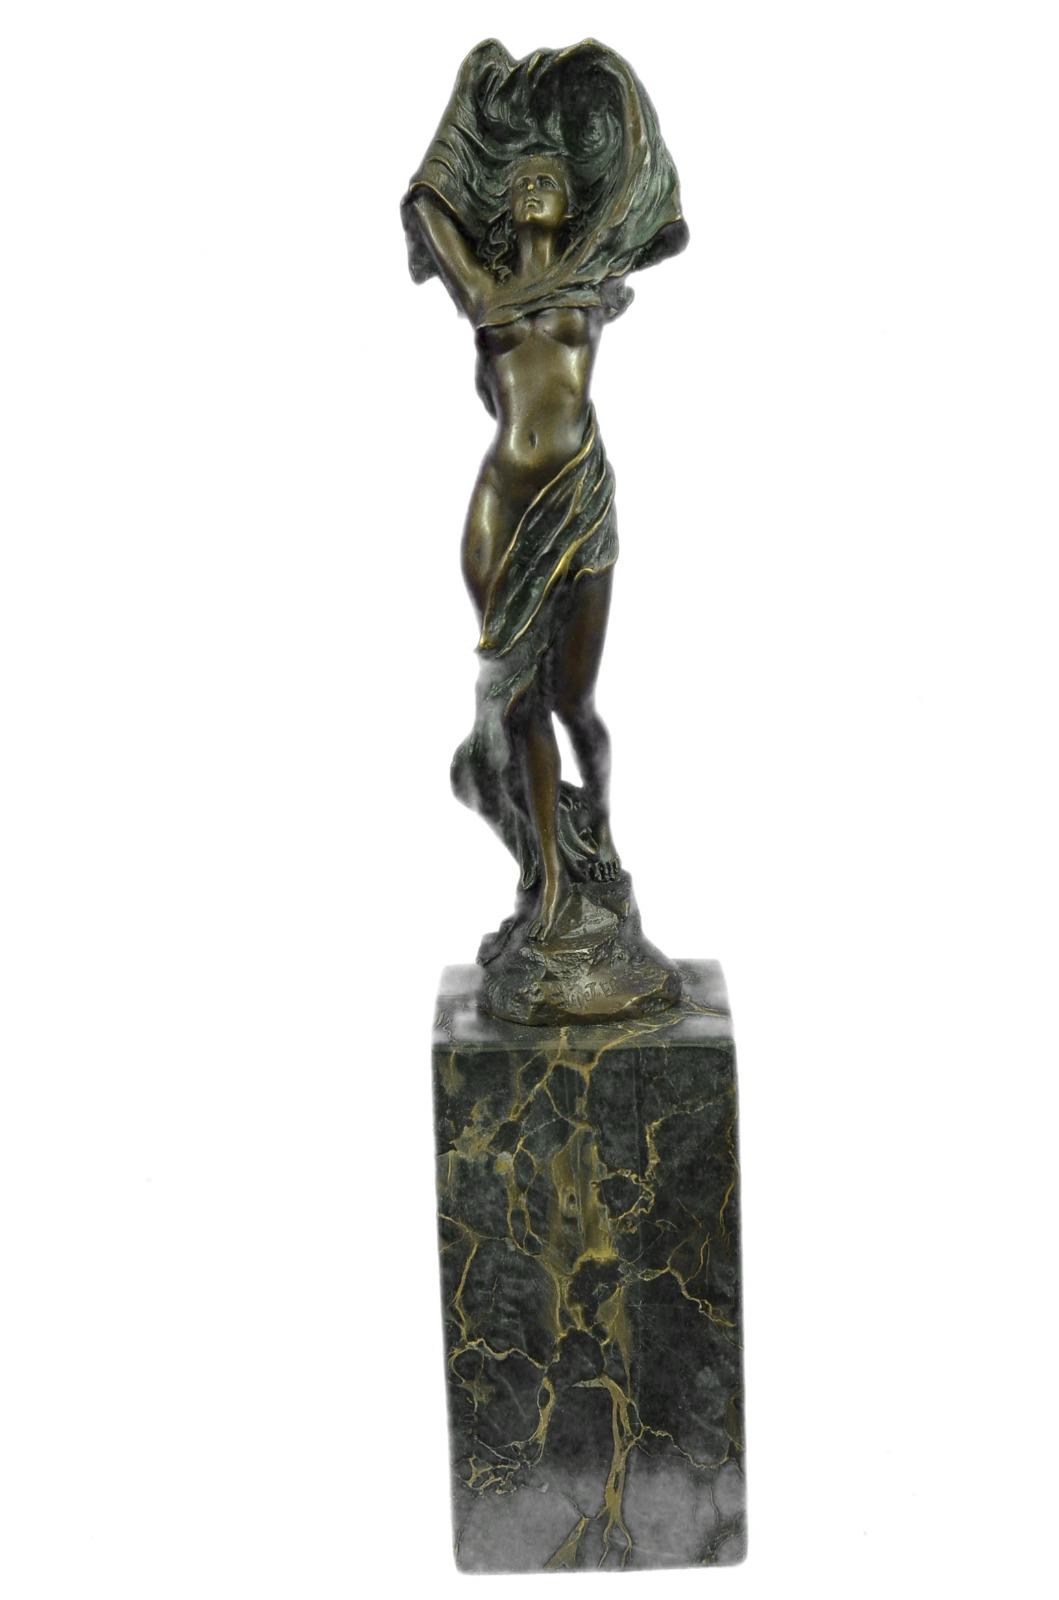 雕塑艺术新装饰裸体女孩铝青铜雕塑